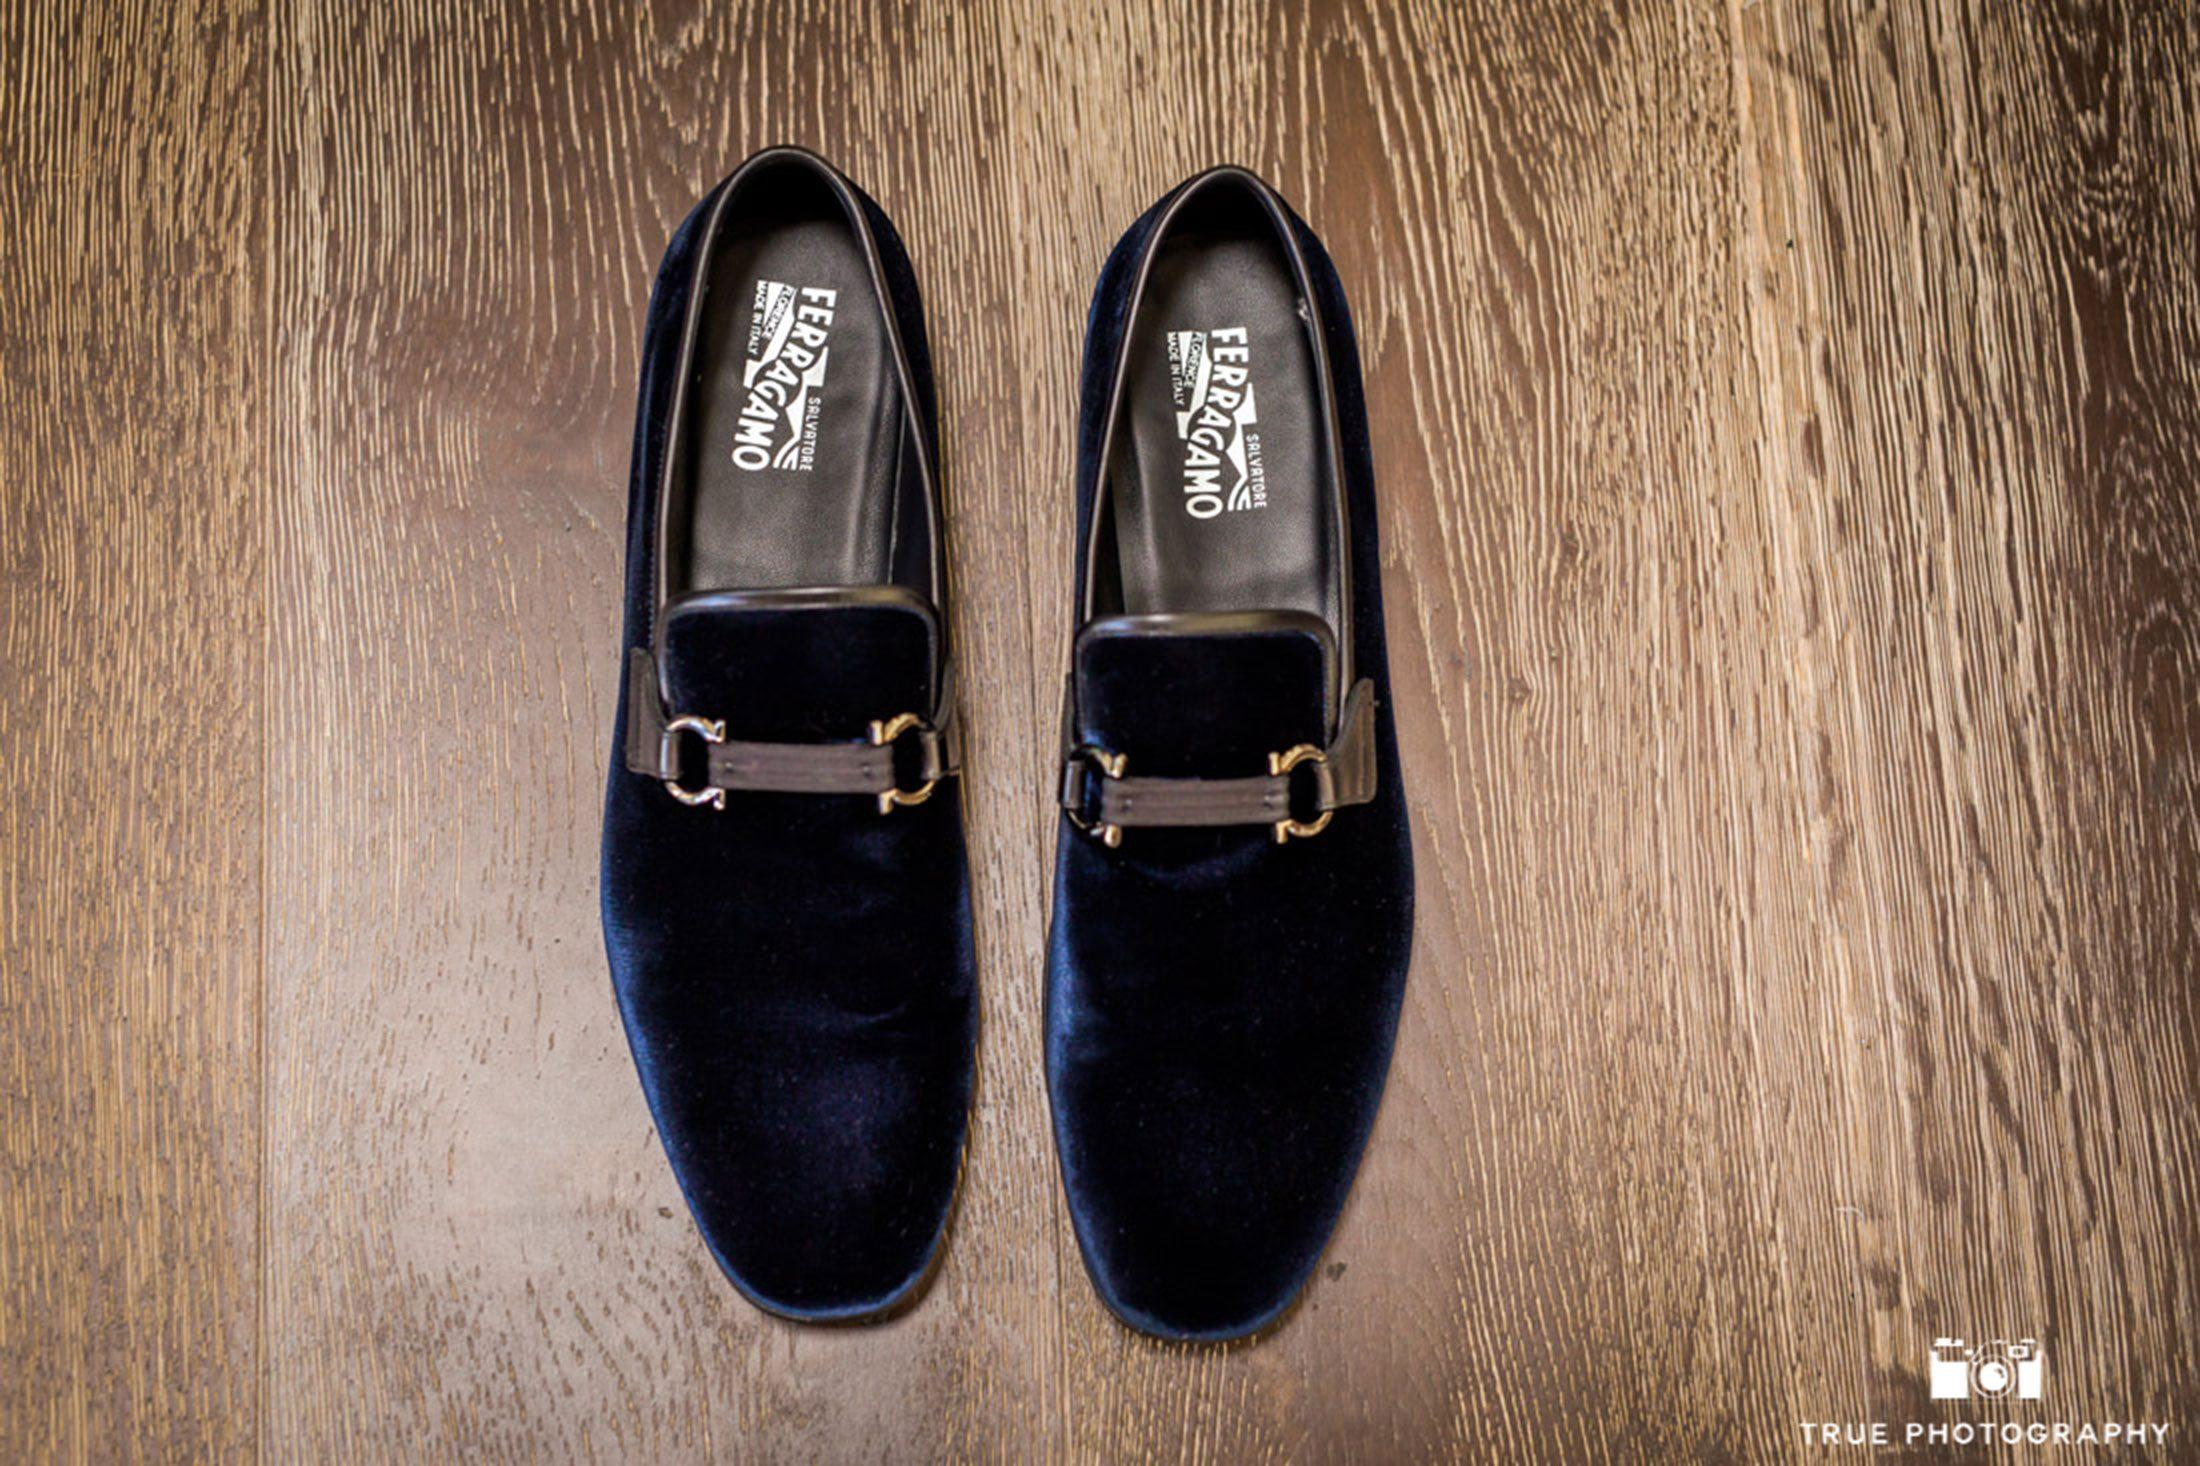 Salvatore Ferragamo Groom Shoes Detail Photograph